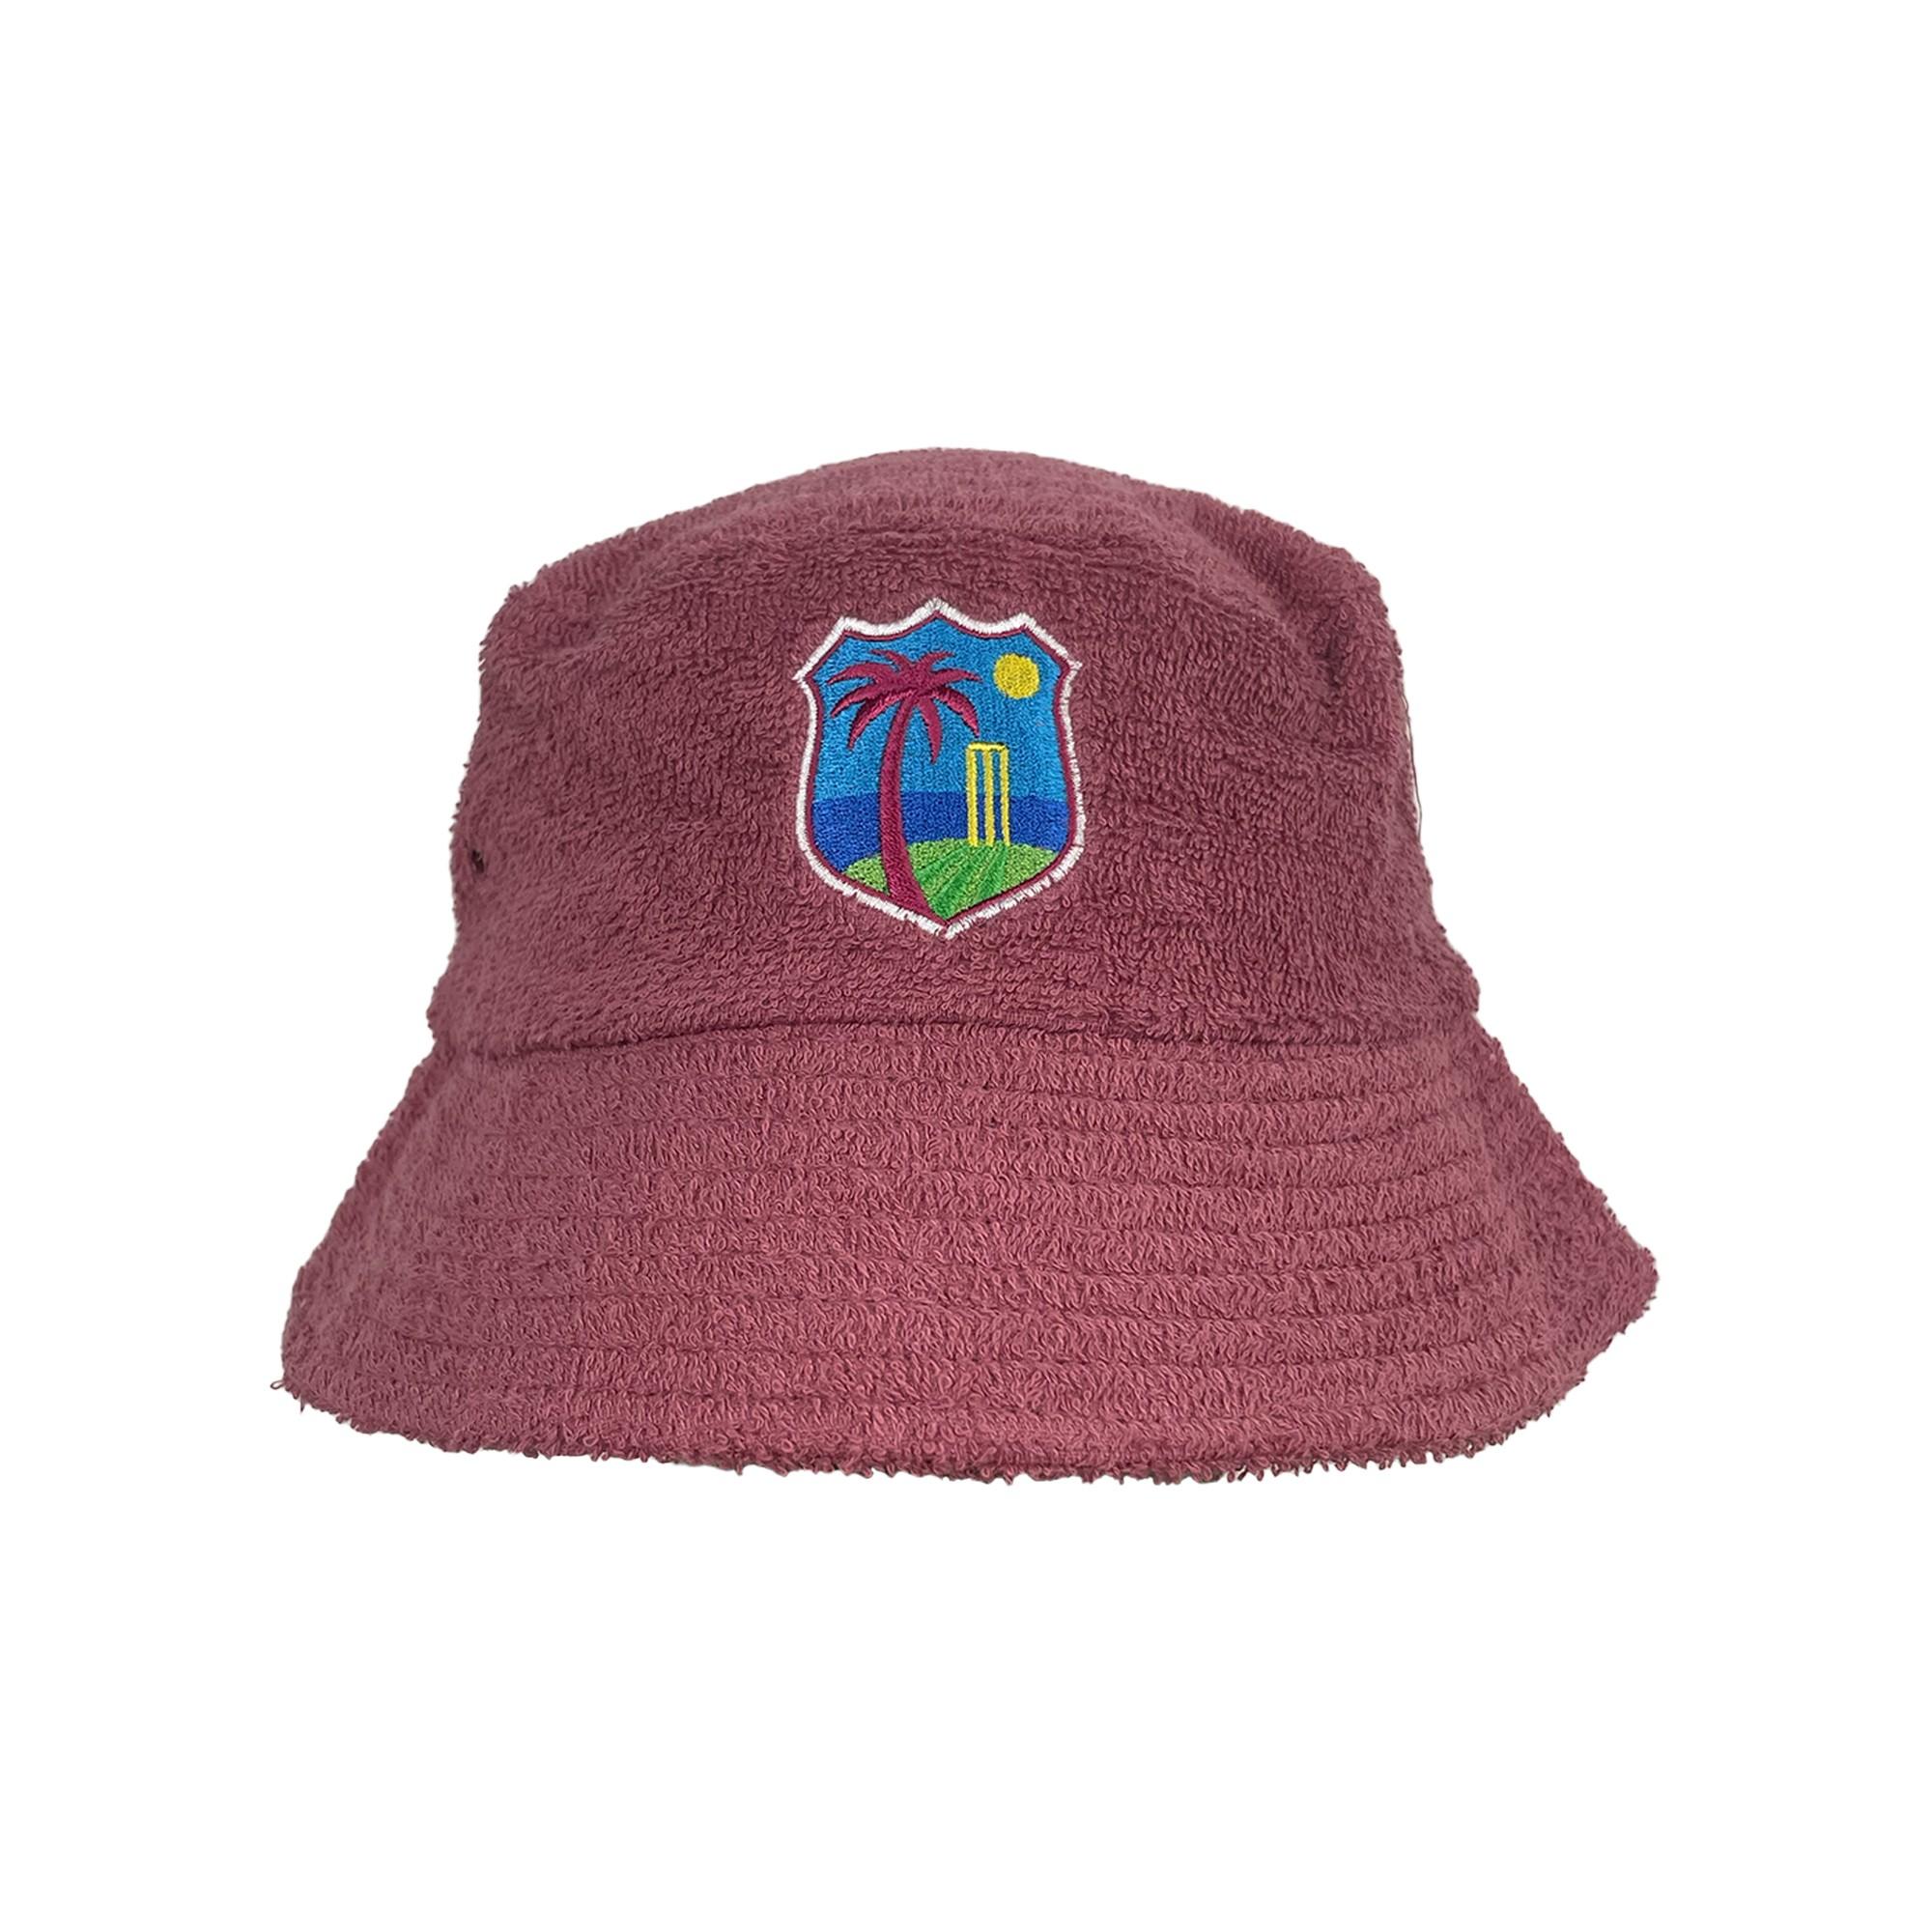 WEST MAROON TERRY TOWEL BUCKET HAT